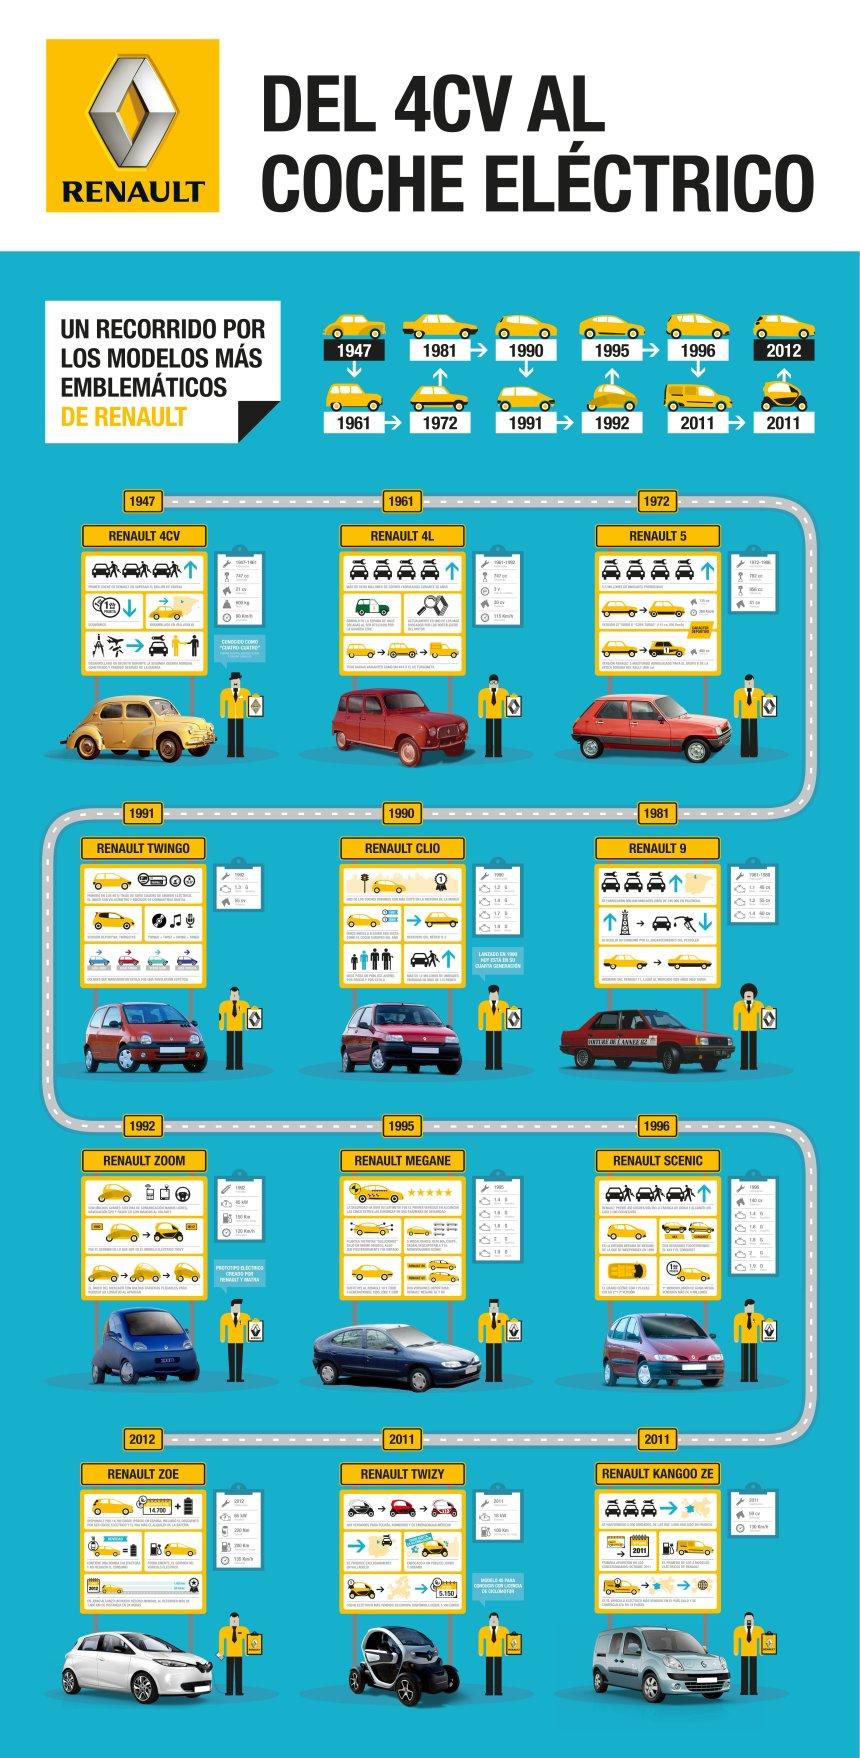 Los modelos más emblemáticos de Renault